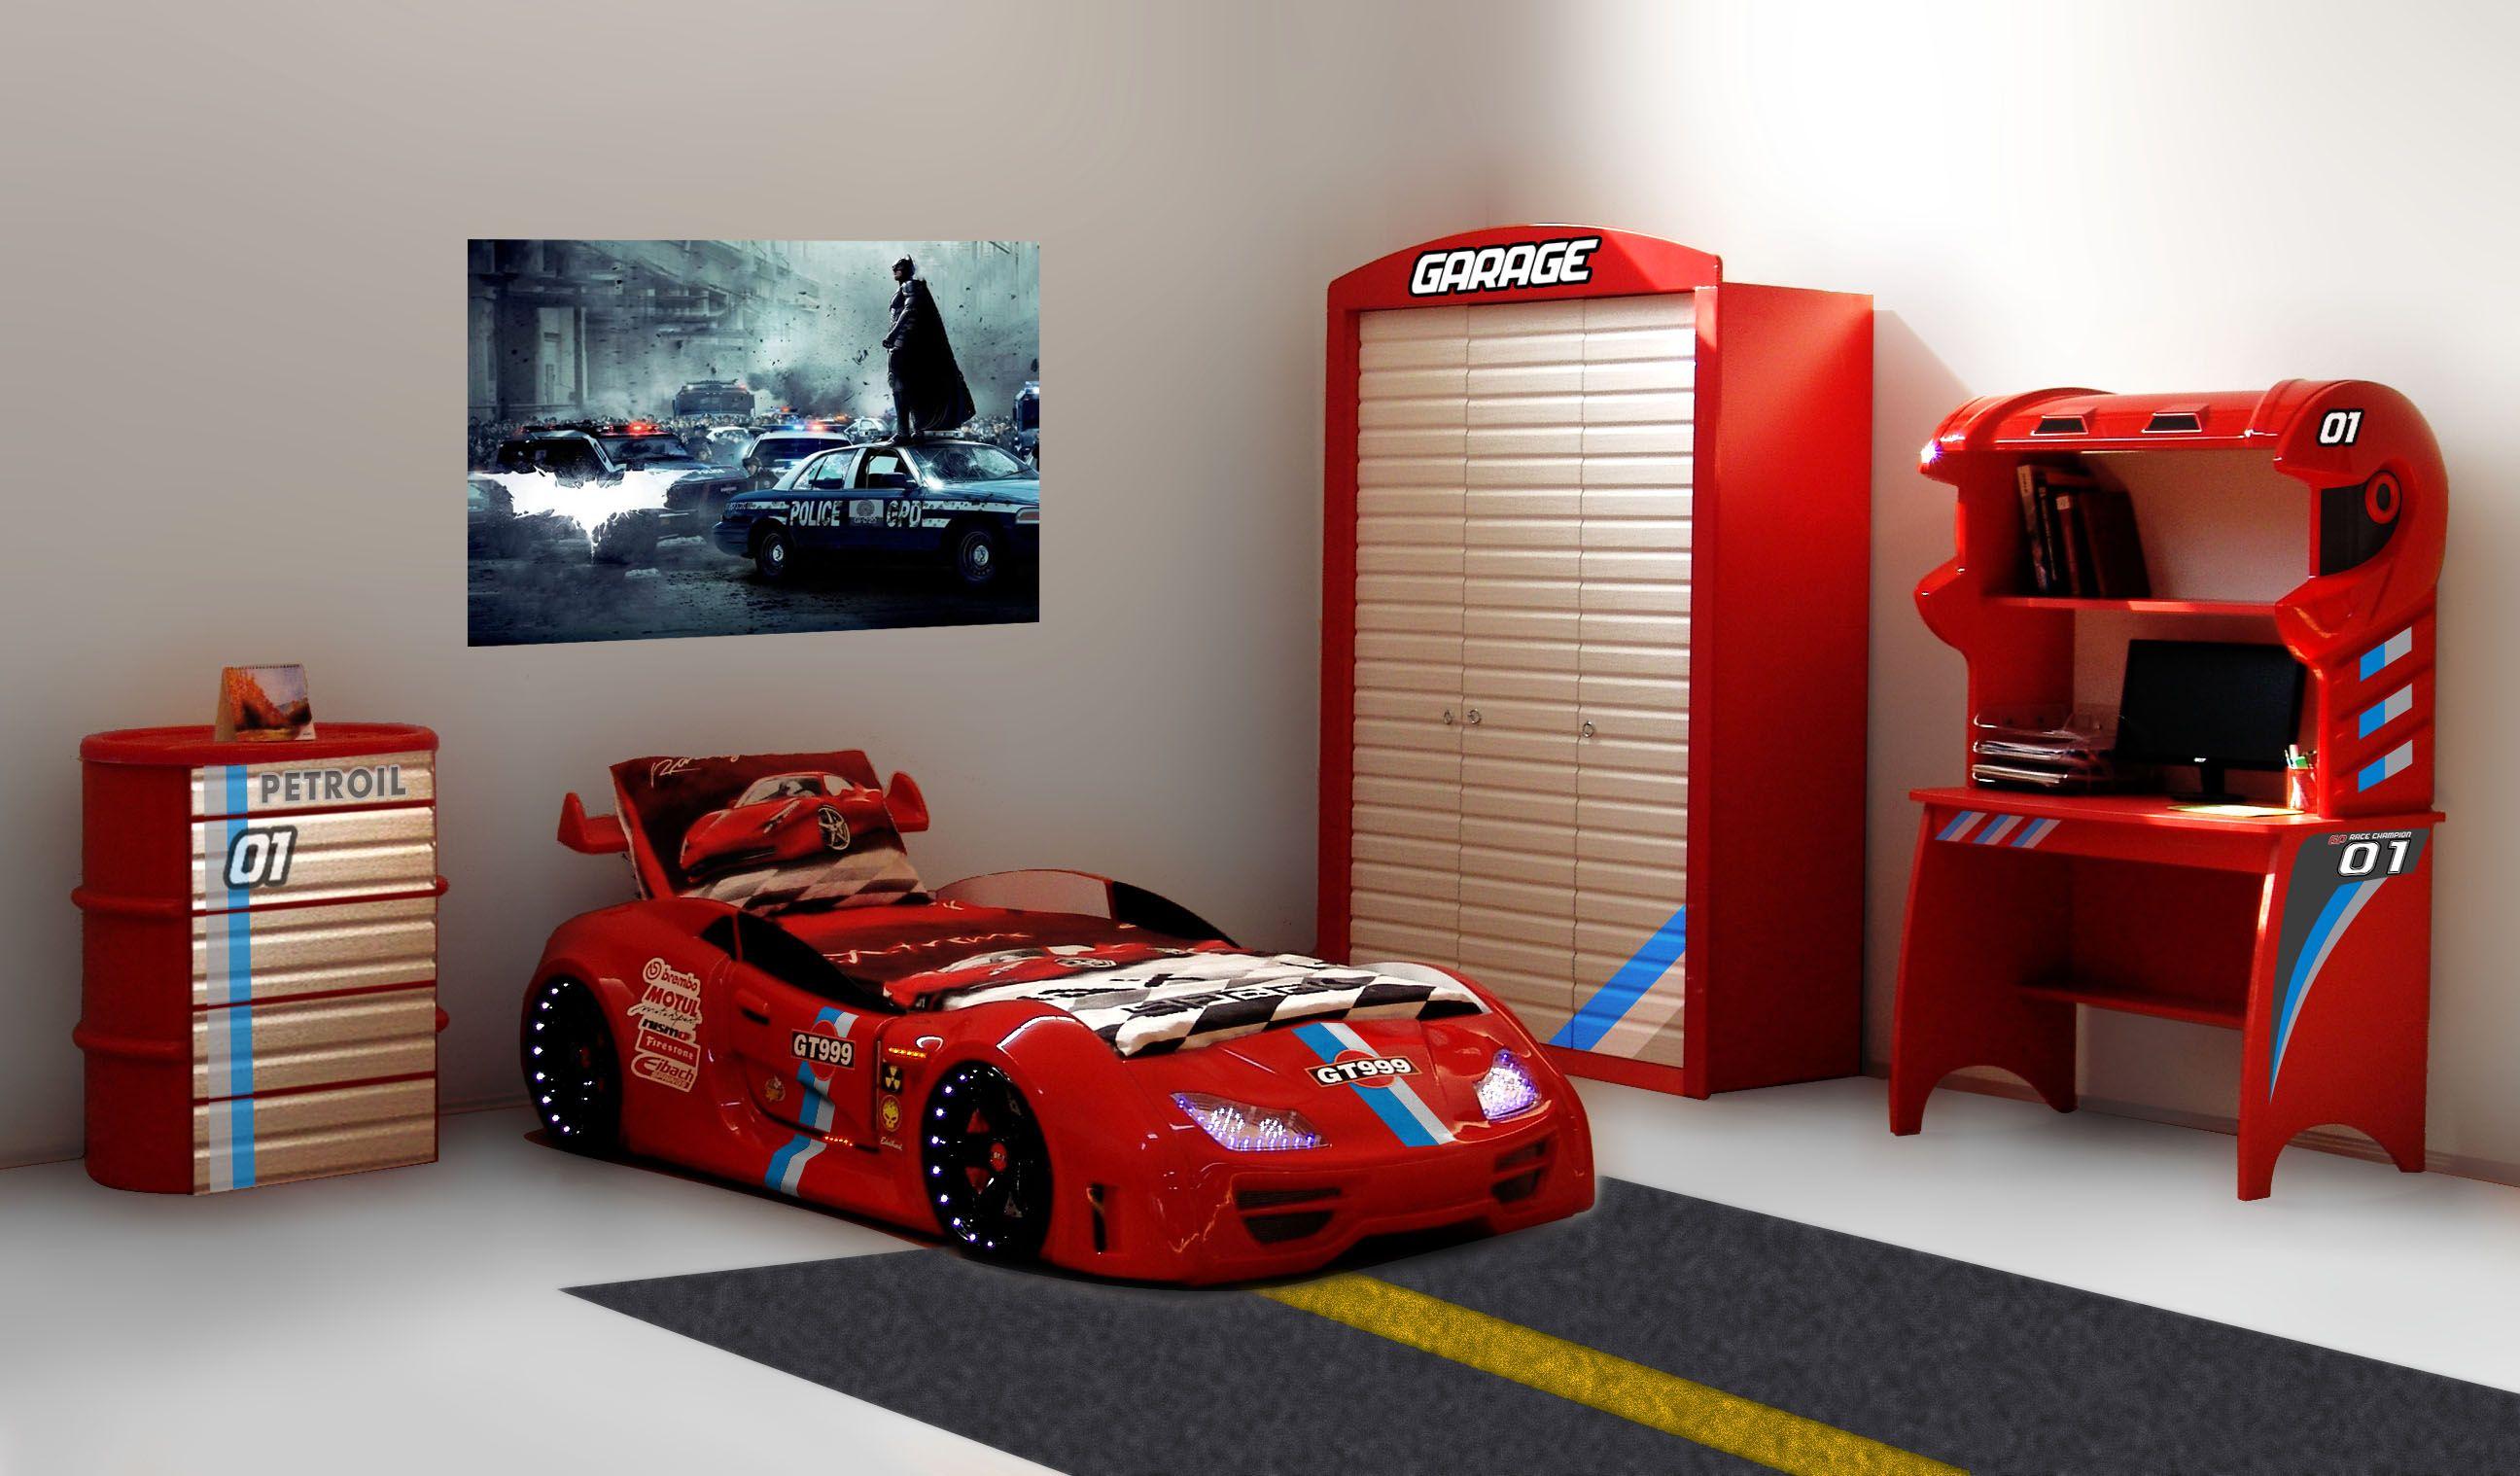 Gt 999 Kinderzimmer Rot 4 Tlg In 8 Farbvarianten Ist Dieses Flotte  # Muebles Farbton